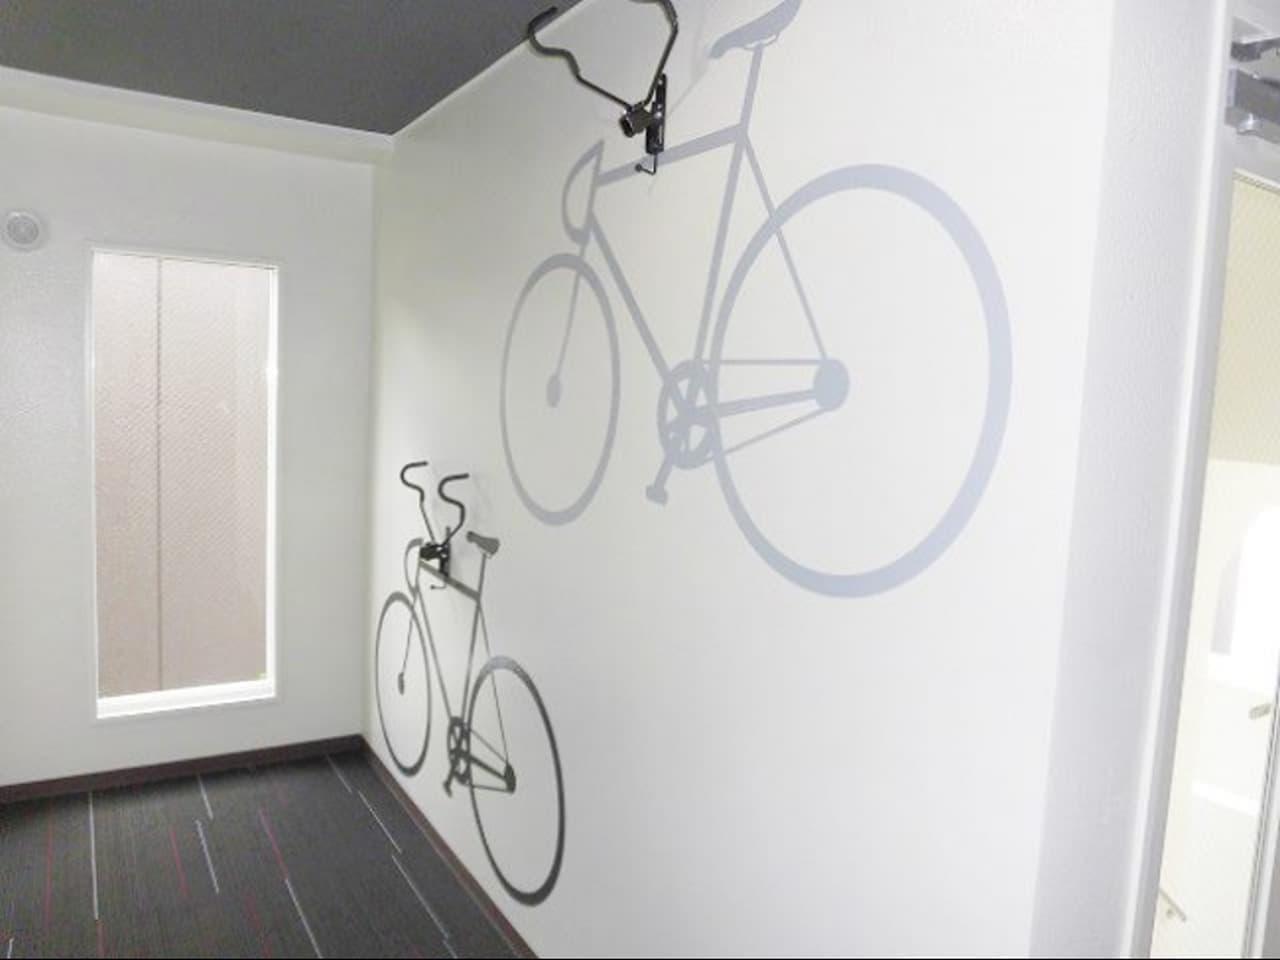 ネコと自転車と賃貸と…全部屋メゾネットのRCデザイナーズ賃貸「feel CnB(フィールシーアンビー)」で保護ネコお迎えキャンペーンを実施